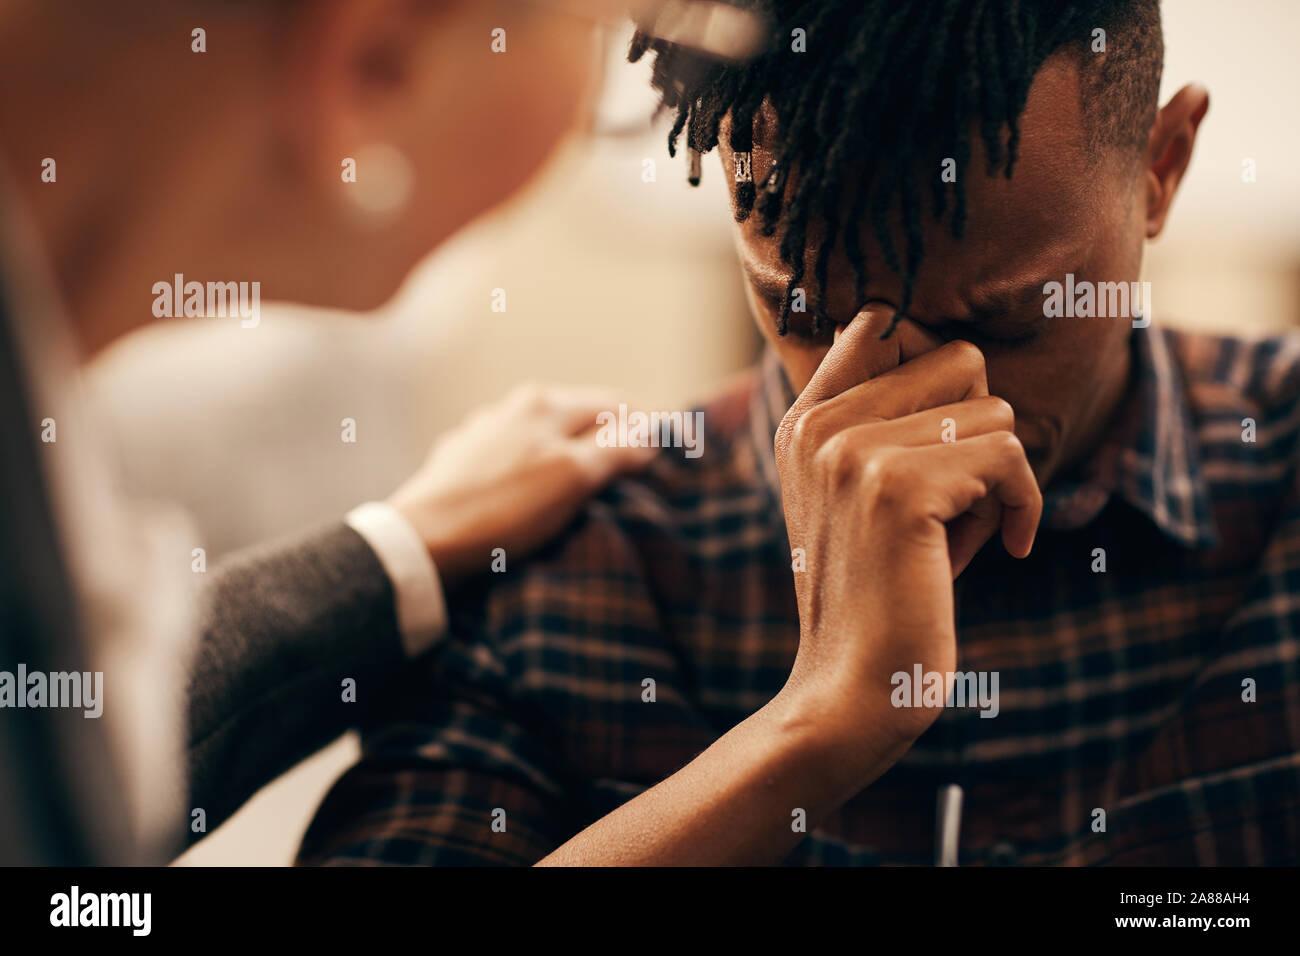 Jeune homme africain inquiète de son problème et de dire à ce sujet à la femme qui le réconforter Banque D'Images